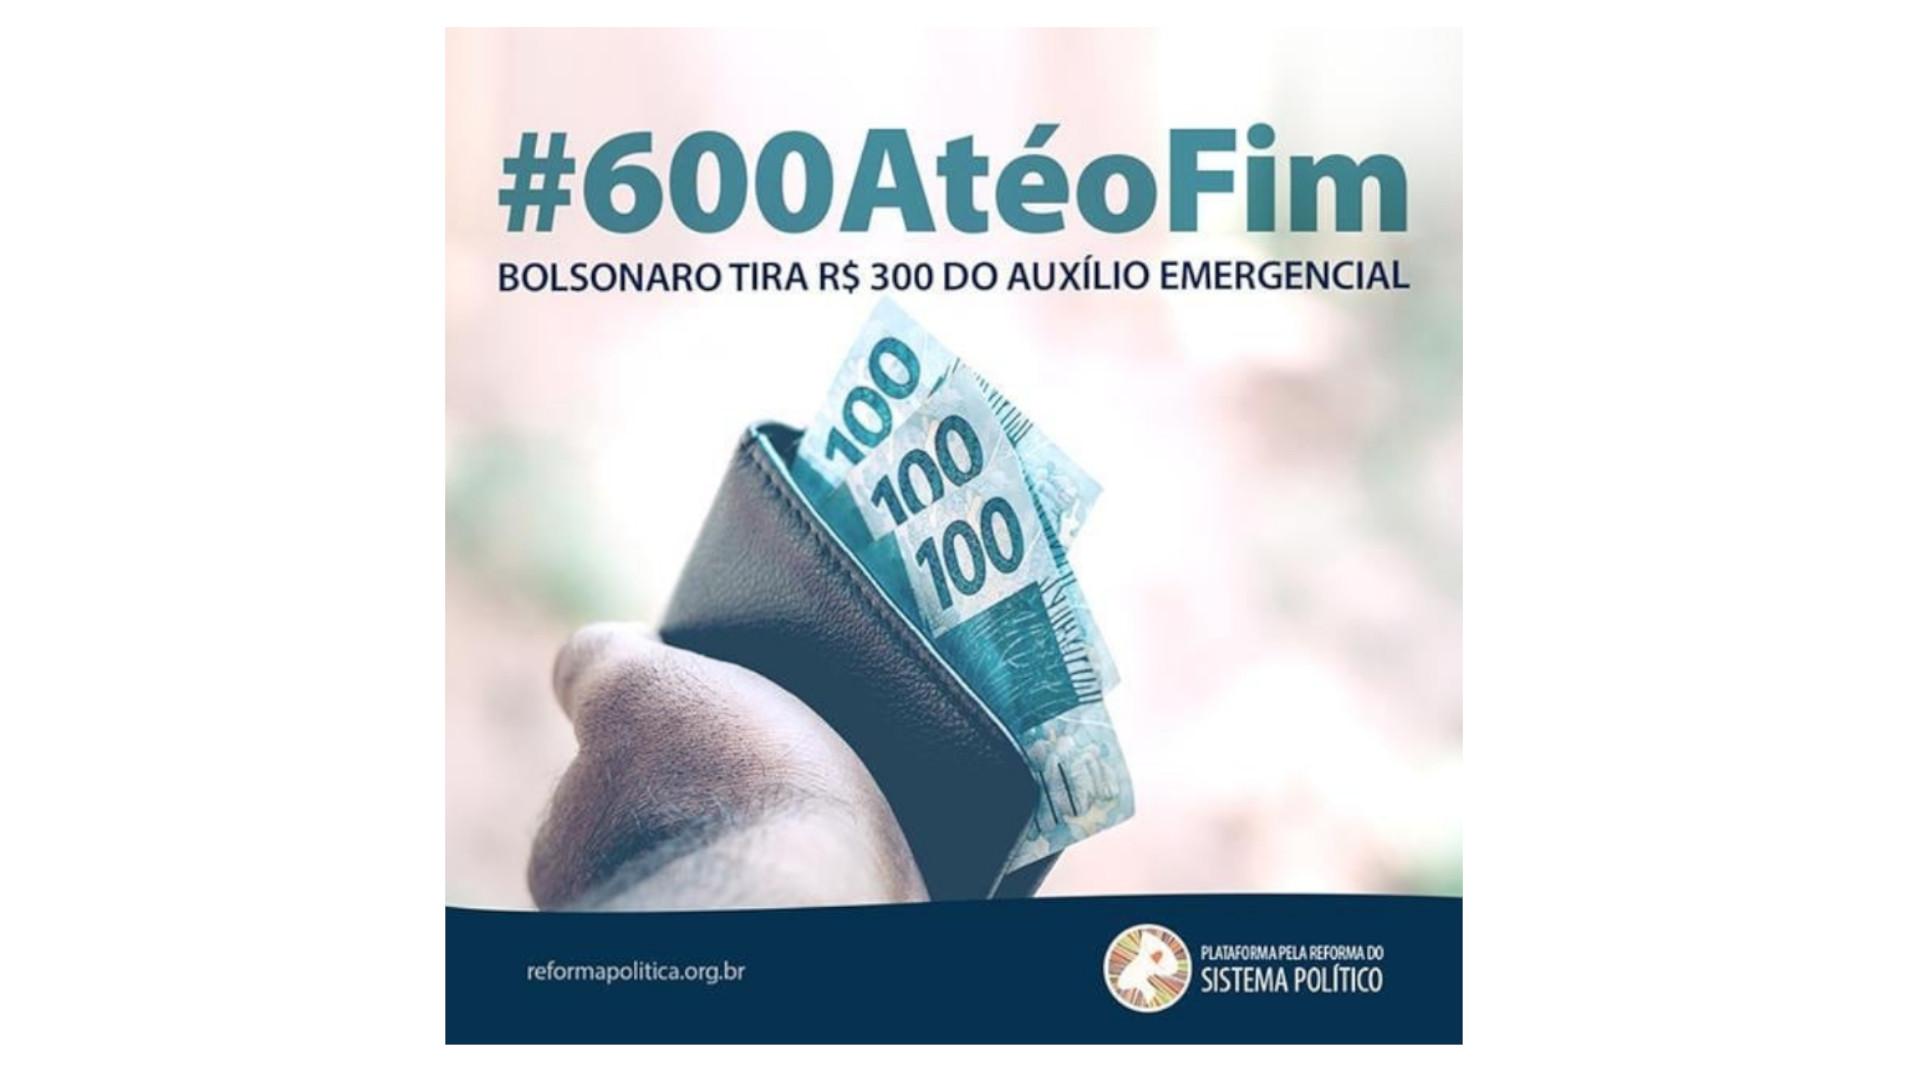 #600atéOFim: Bolsonaro tira R$300 do auxílio emergencial conquistado por movimentos sociais